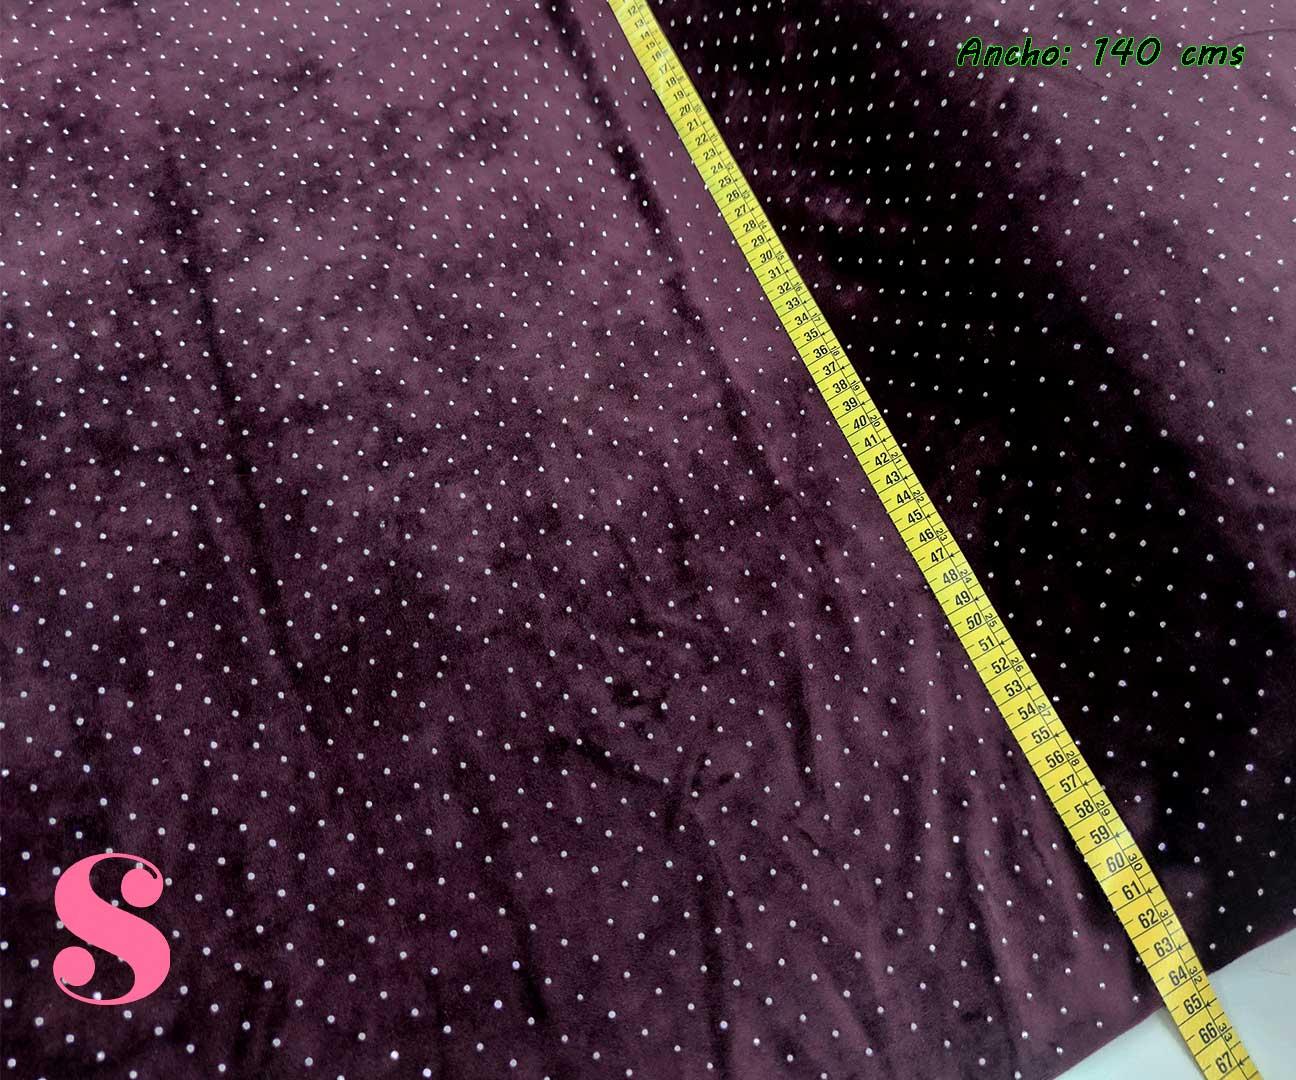 4-terciopelo-elástico,telas-para-vestidos-de-fiesta,telas-para-vestidos-de-noche-vieja,tejidos-elegantes,Terciopelo con Brillantes Morado